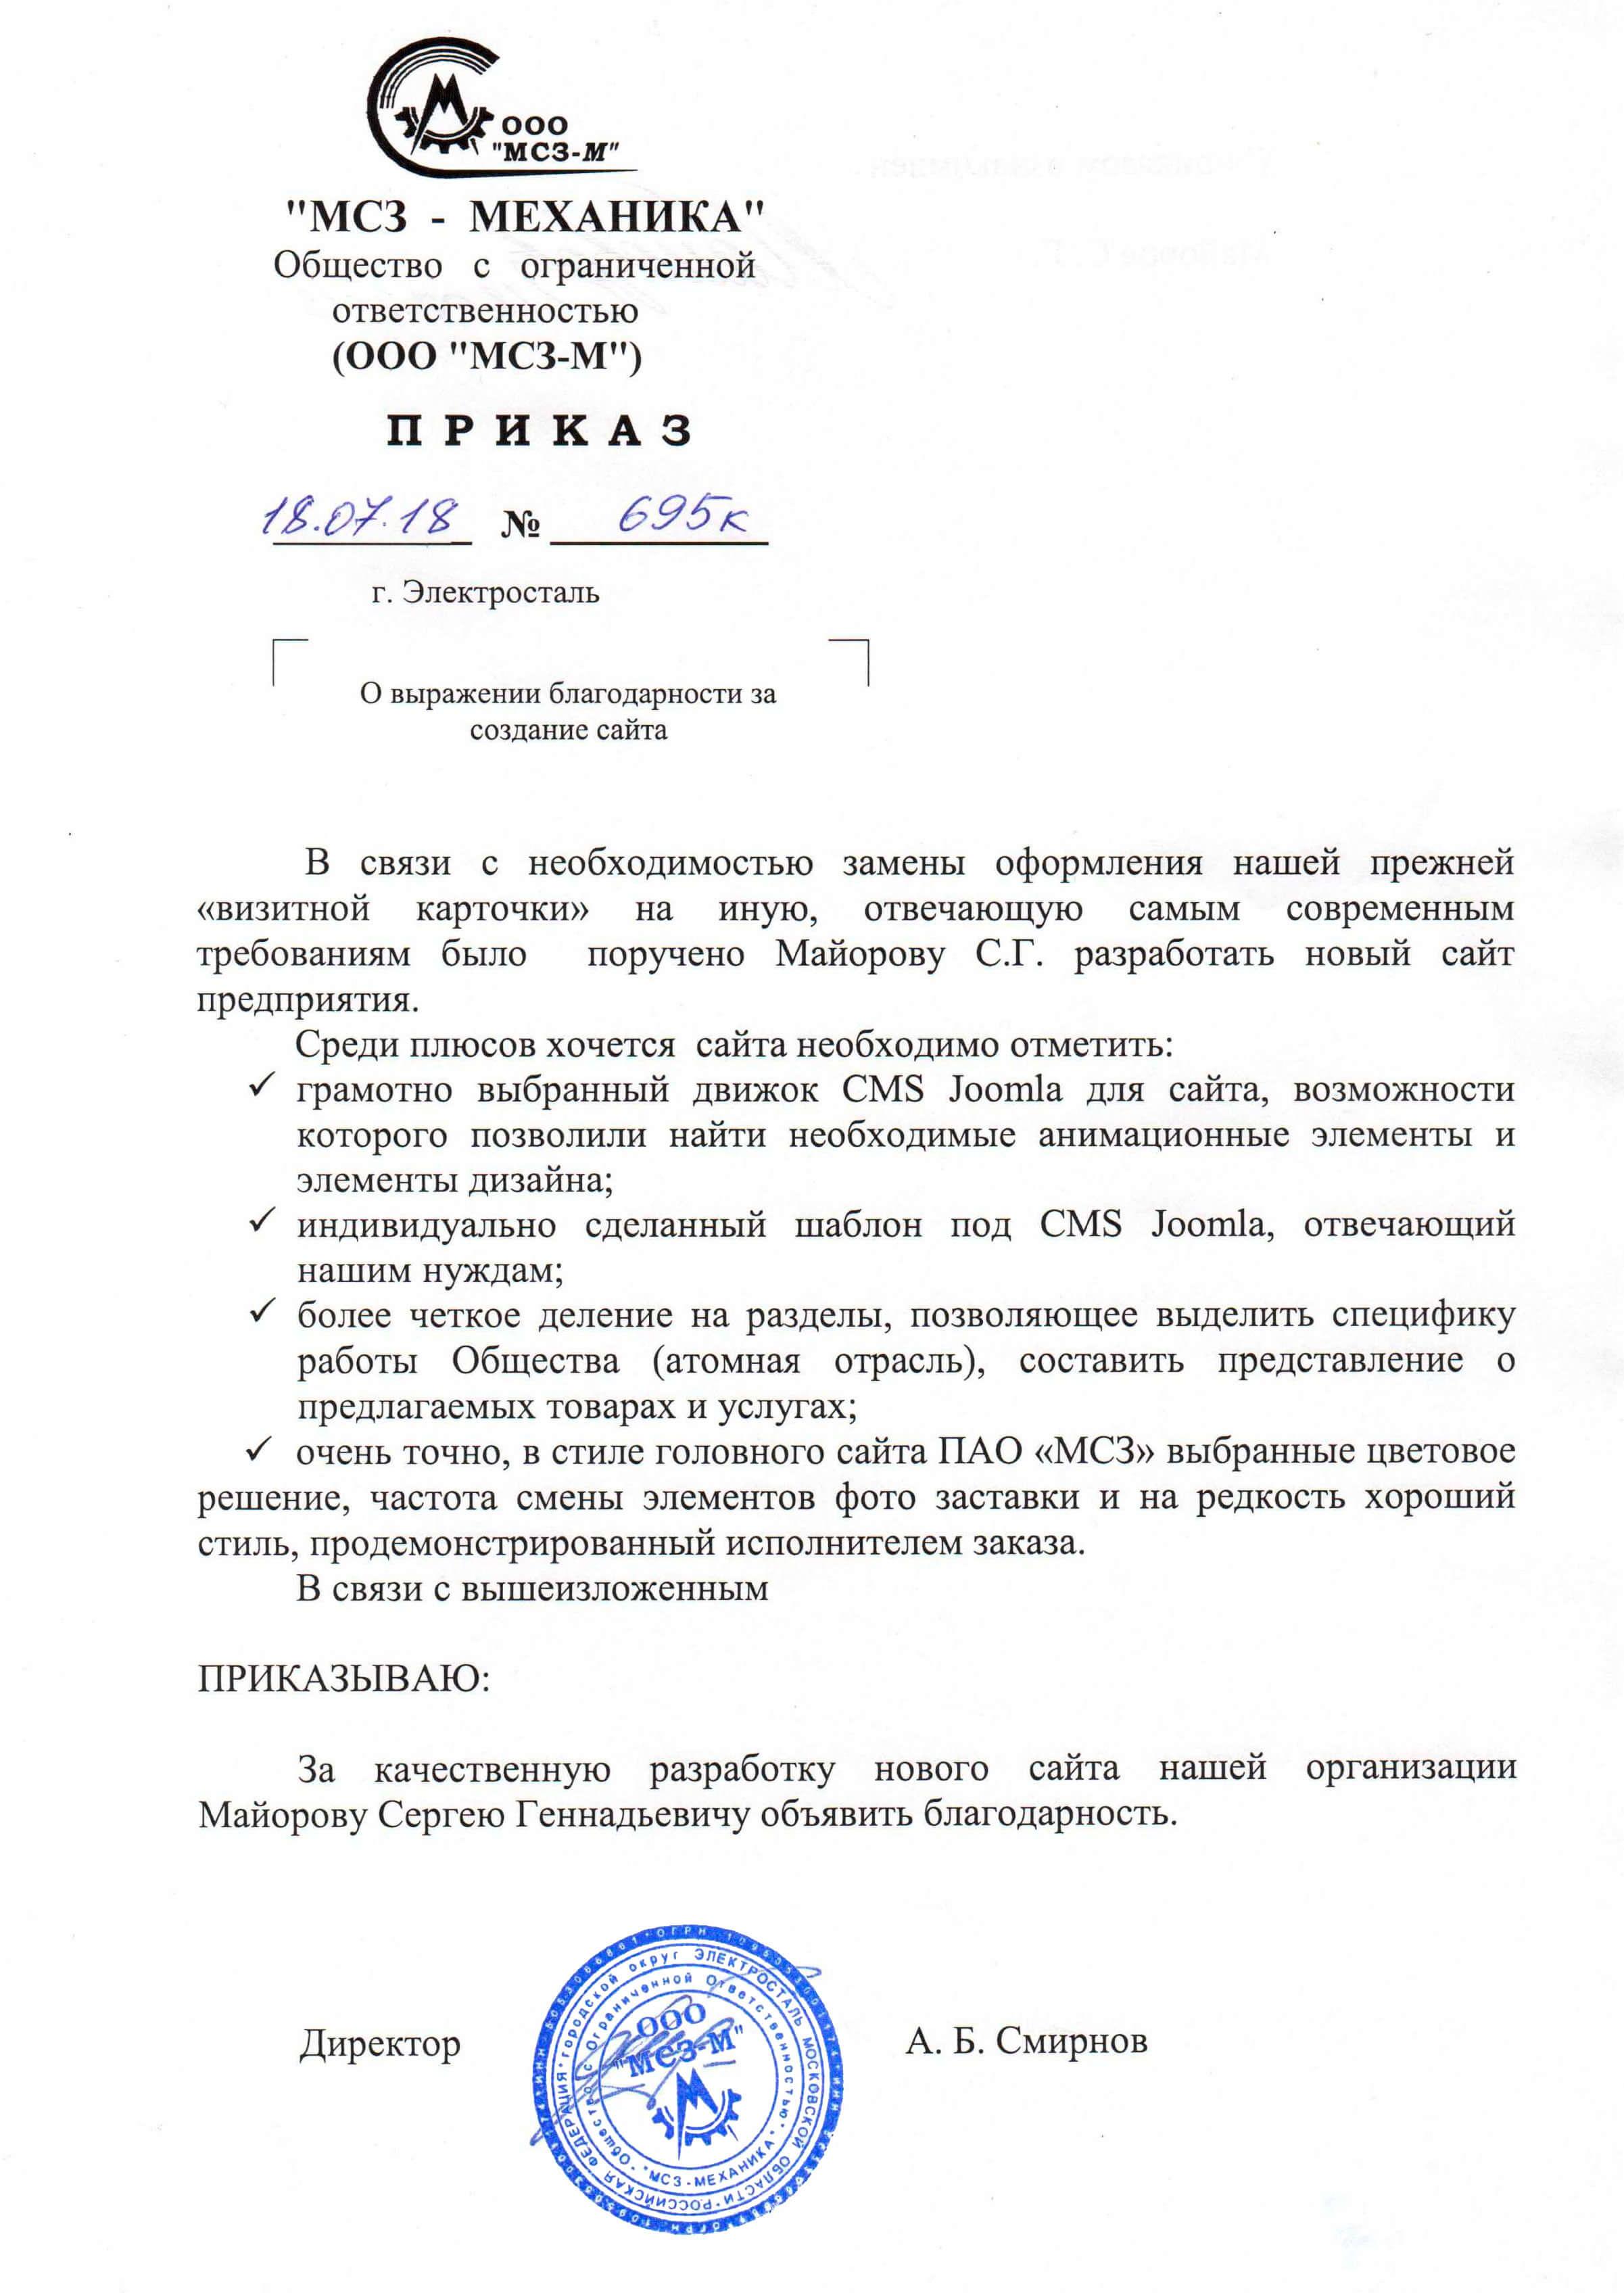 Отзыв от ООО «МСЗ-М»